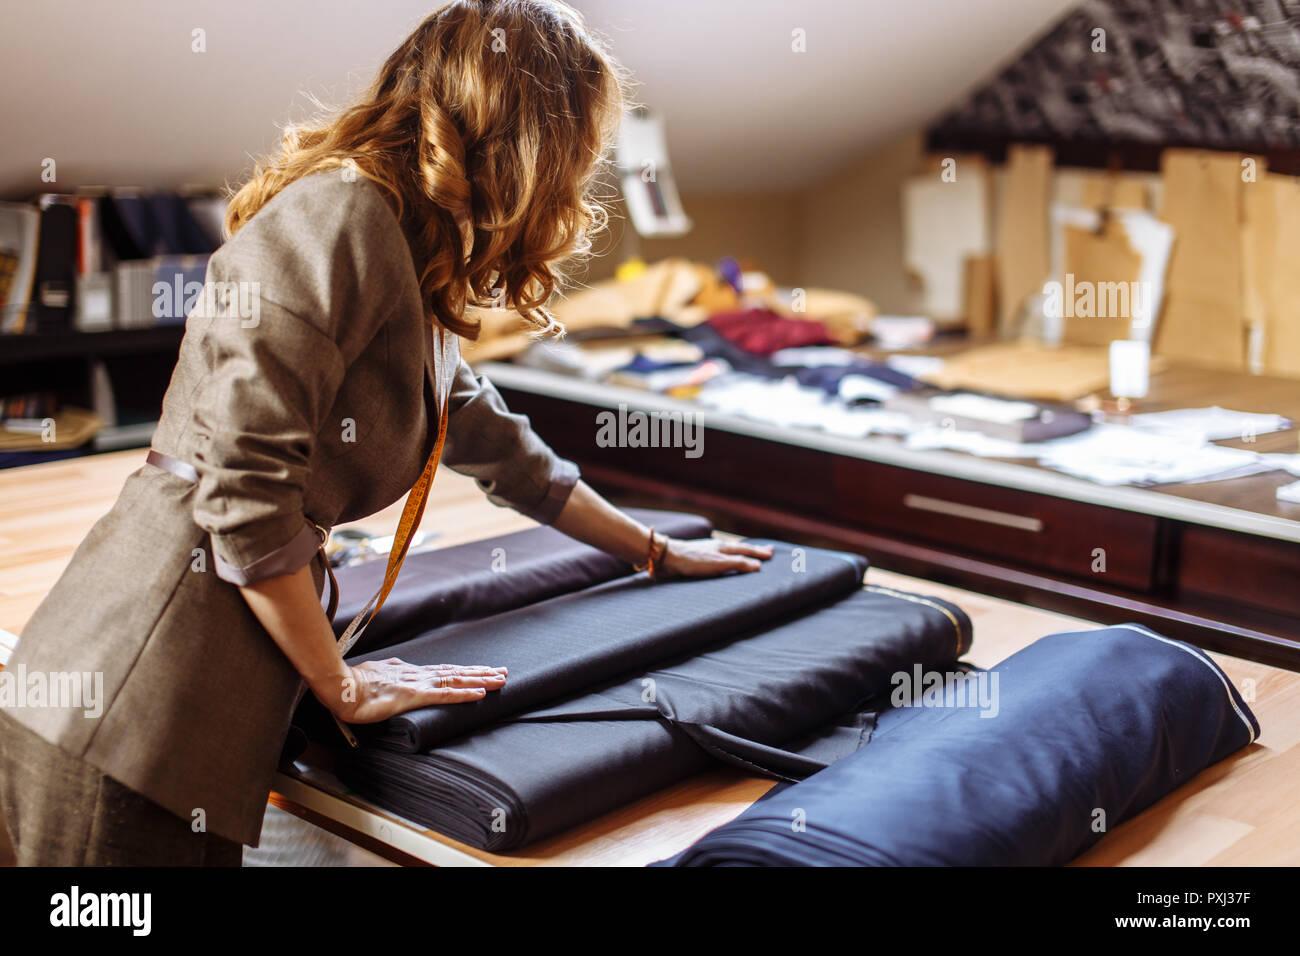 Designer de mode féminine travaillant sur tissu habillent avec accessoires de couture sur la table Photo Stock